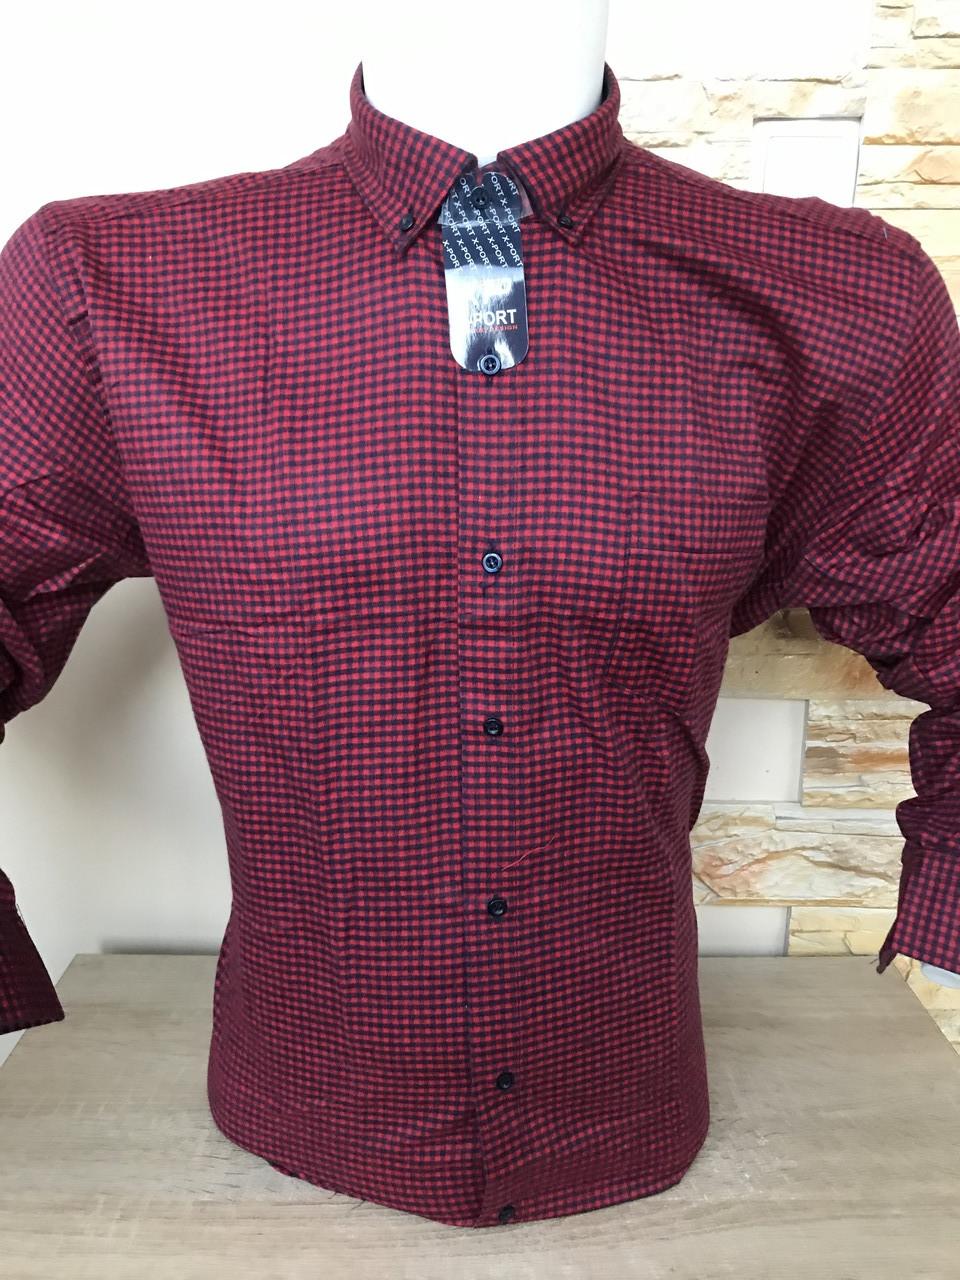 Чоловіча сорочка кашемір X-Port